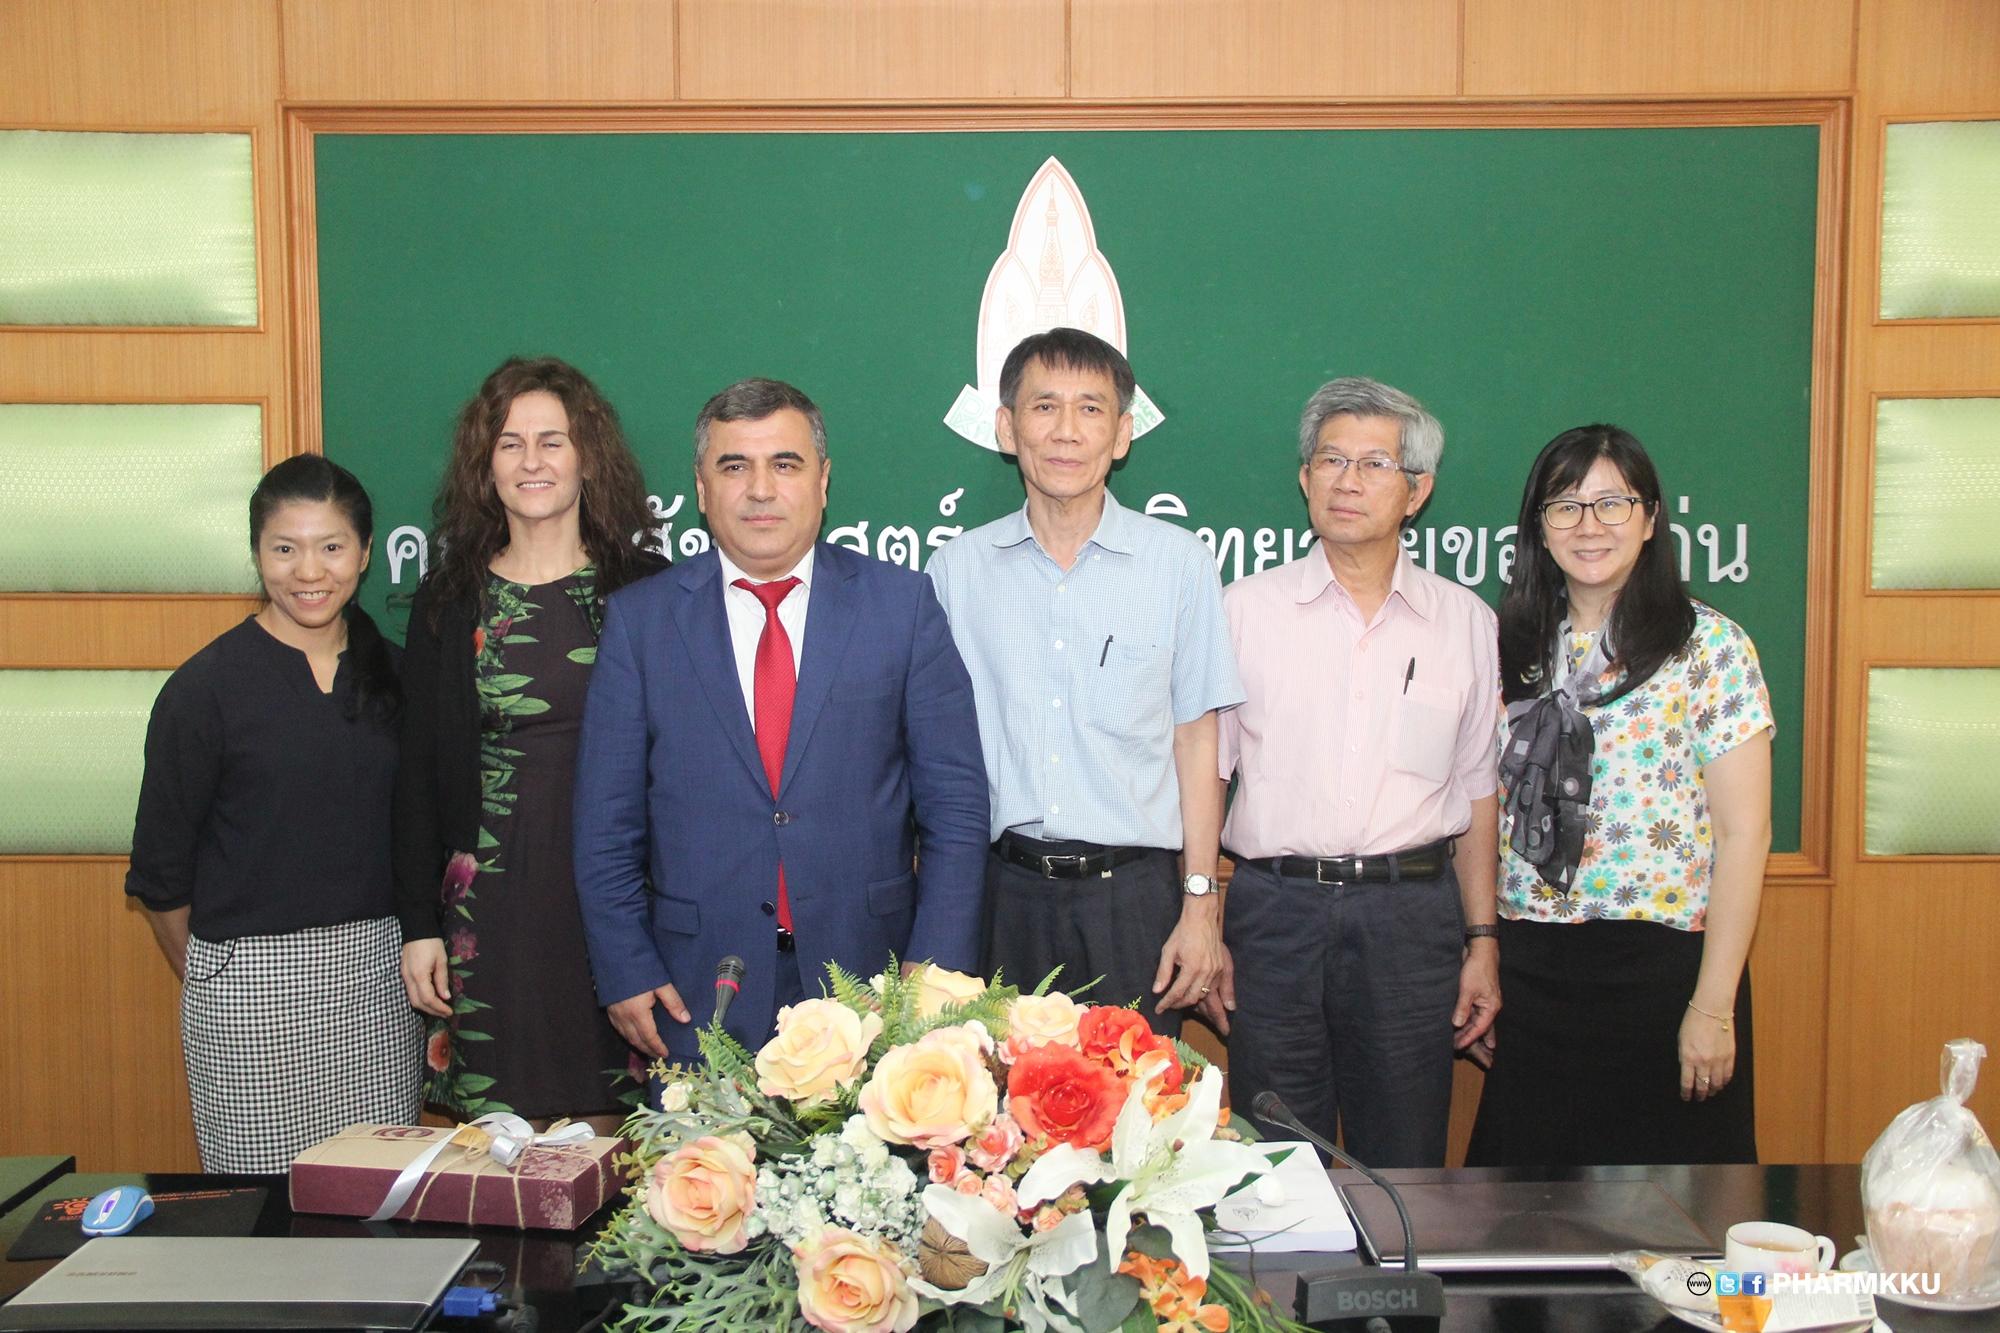 ผู้บริหารคณะเภสัชศาสตร์ให้การต้อนรับอาคันตุกะจาก Kilis 7 Aralik University  ประเทศตุรกี